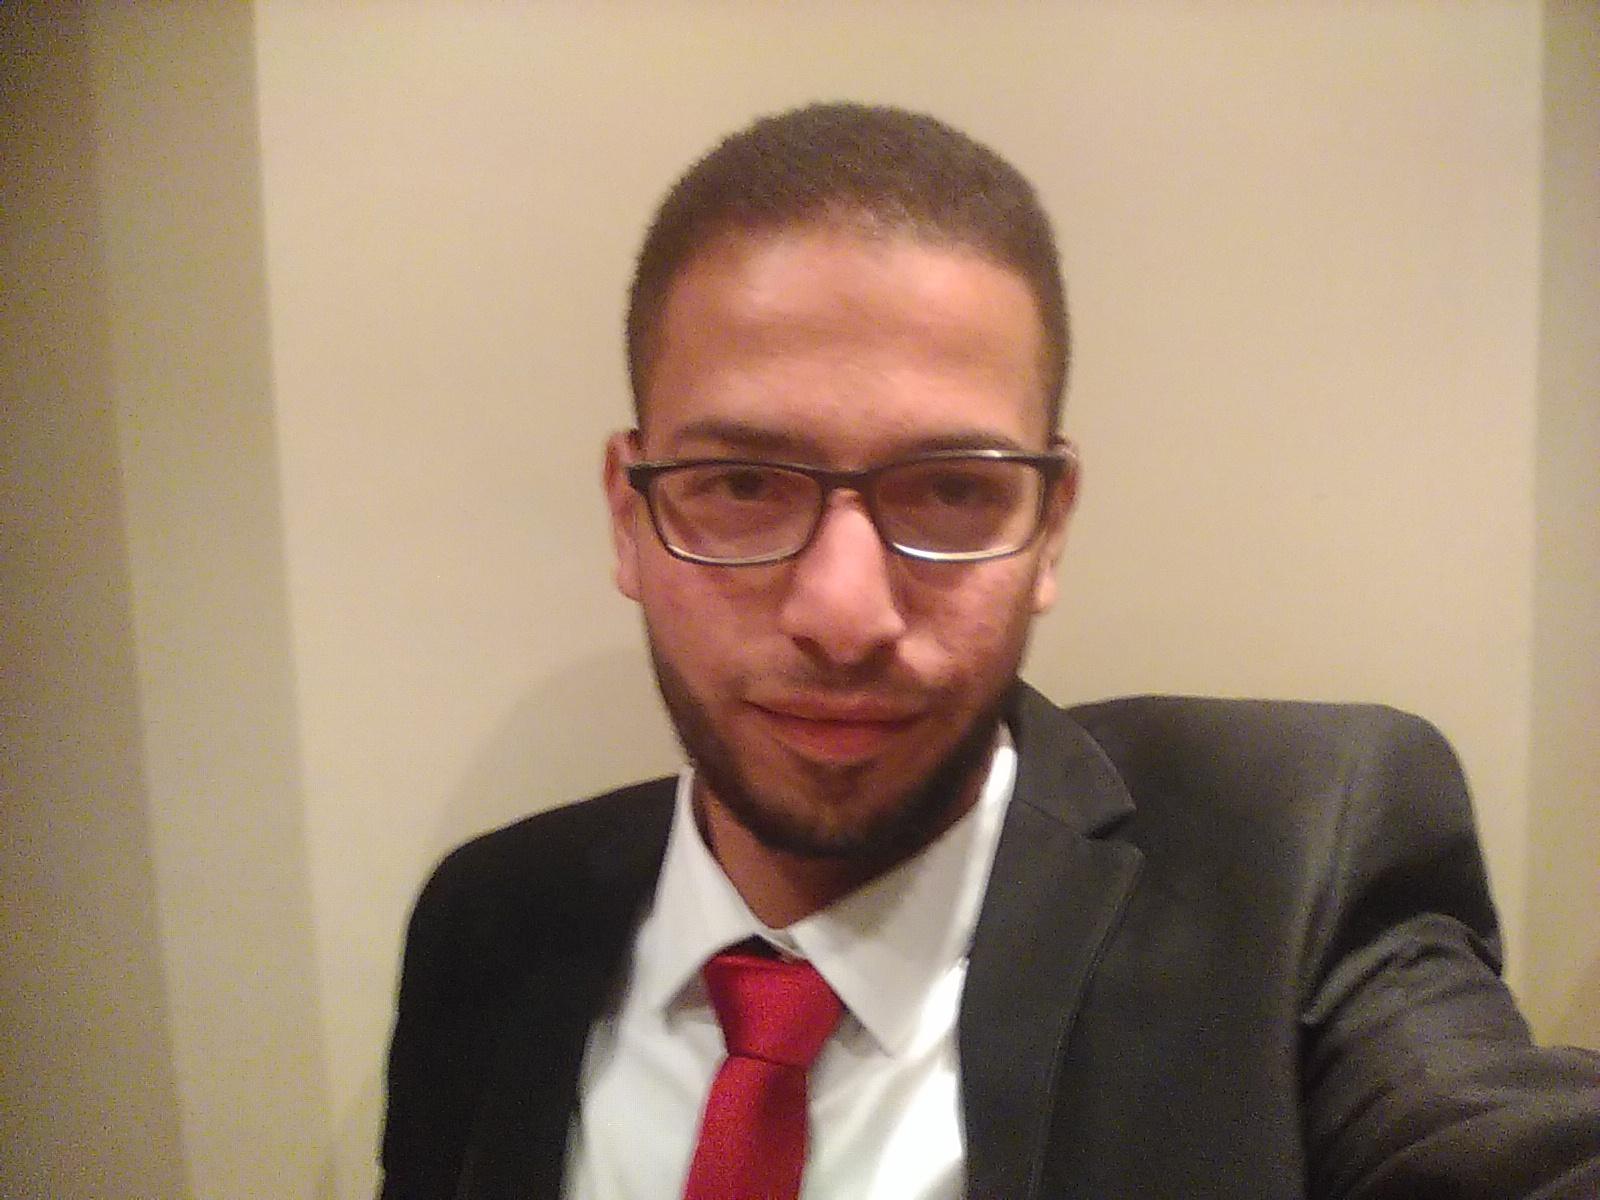 Mahmoud saad avatar